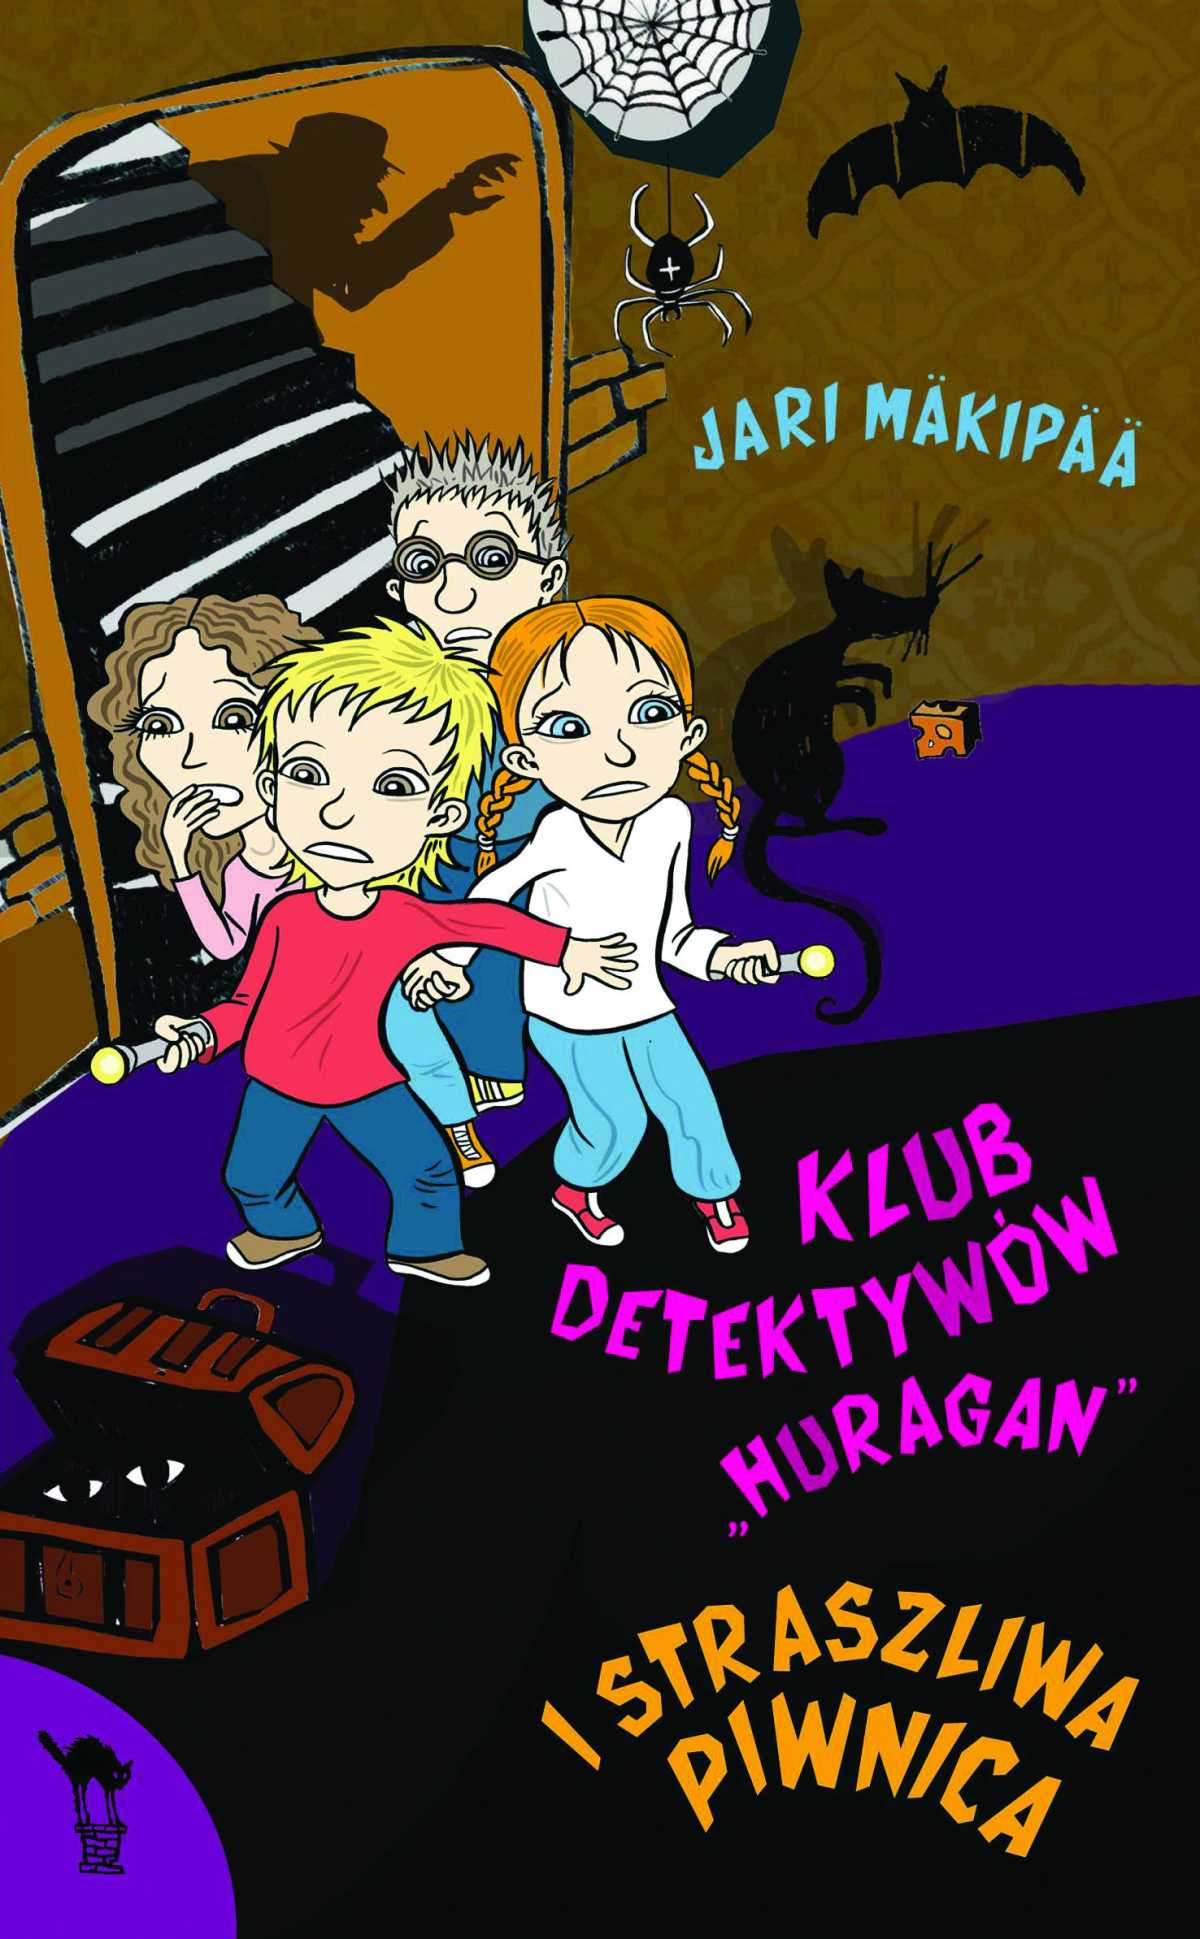 """Klub detektywów """"Huragan"""" i straszliwa piwnica - Ebook (Książka EPUB) do pobrania w formacie EPUB"""